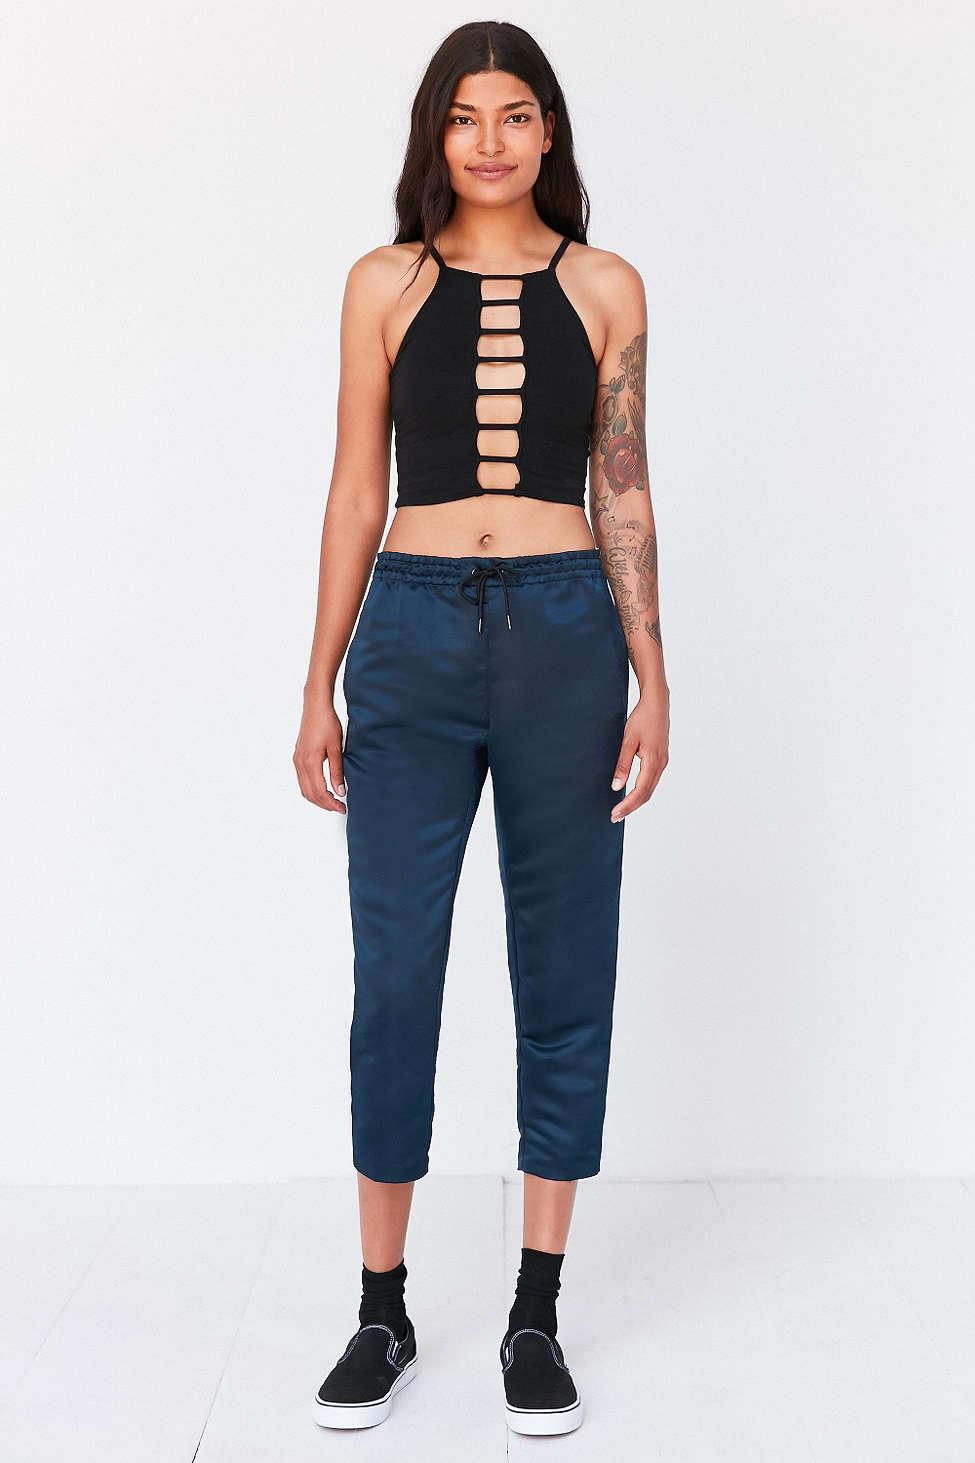 blue-navy-joggers-pants-black-top-crop-socks-wear-style-fashion-spring-summer-black-shoe-sneakers-brun-weekend.jpg